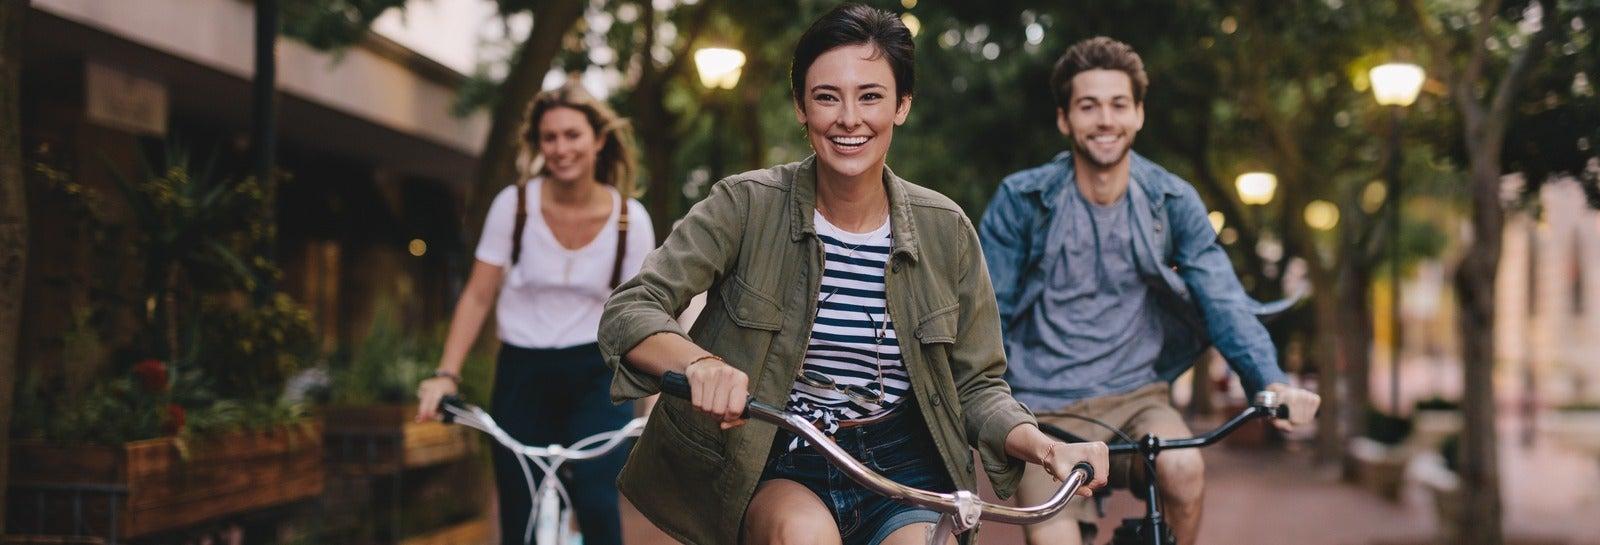 Tour en bicicleta por Chester